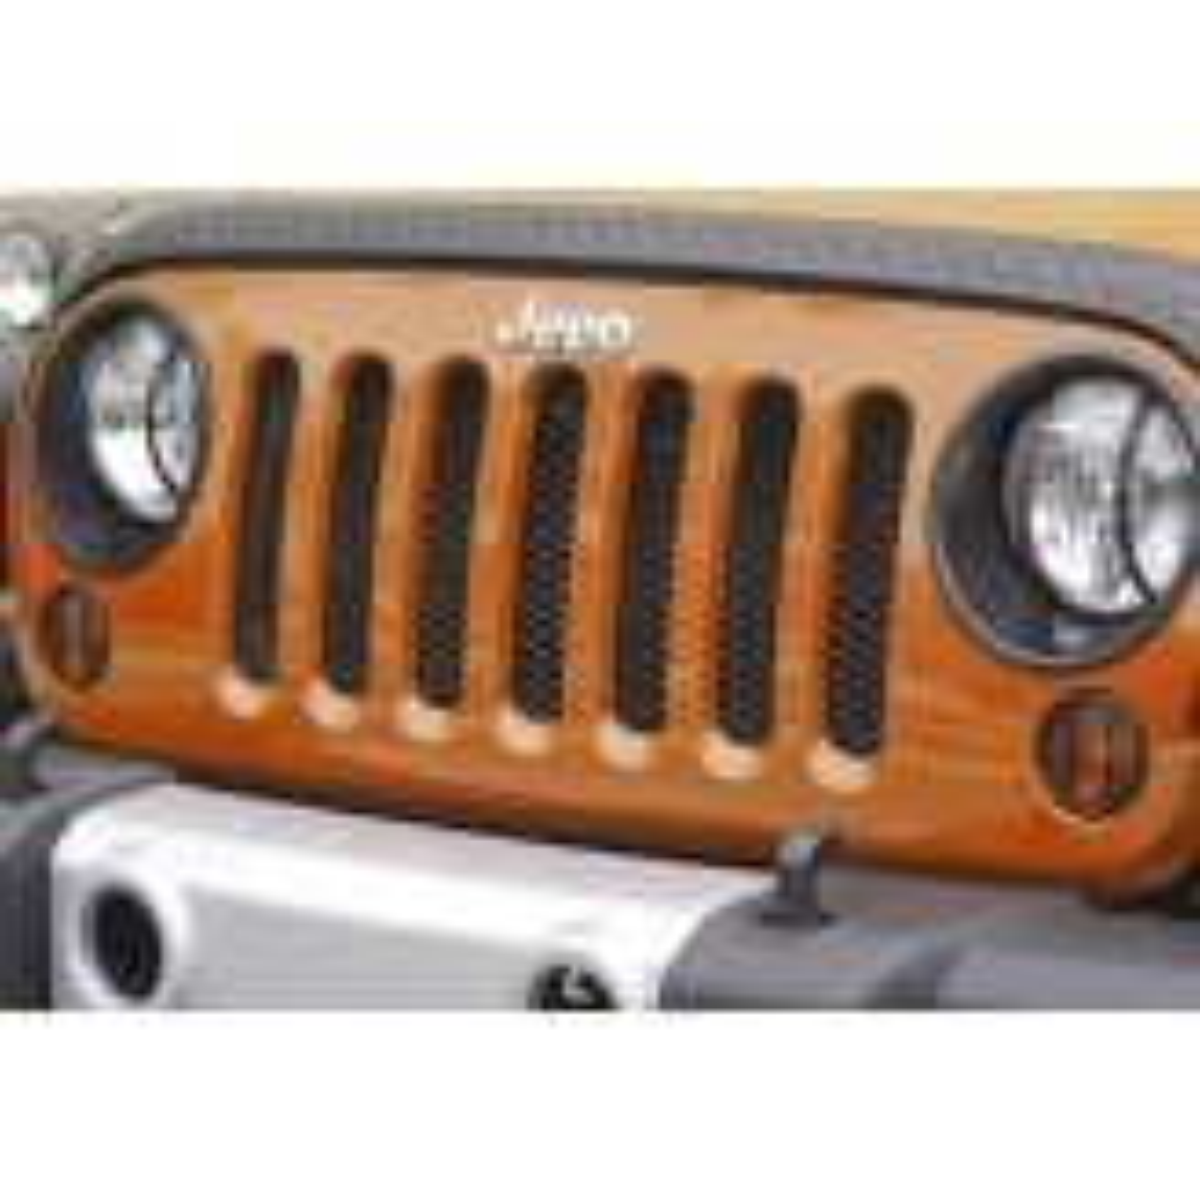 Mesh Grille Insert Black 07-12 Jeep JK Wrangler